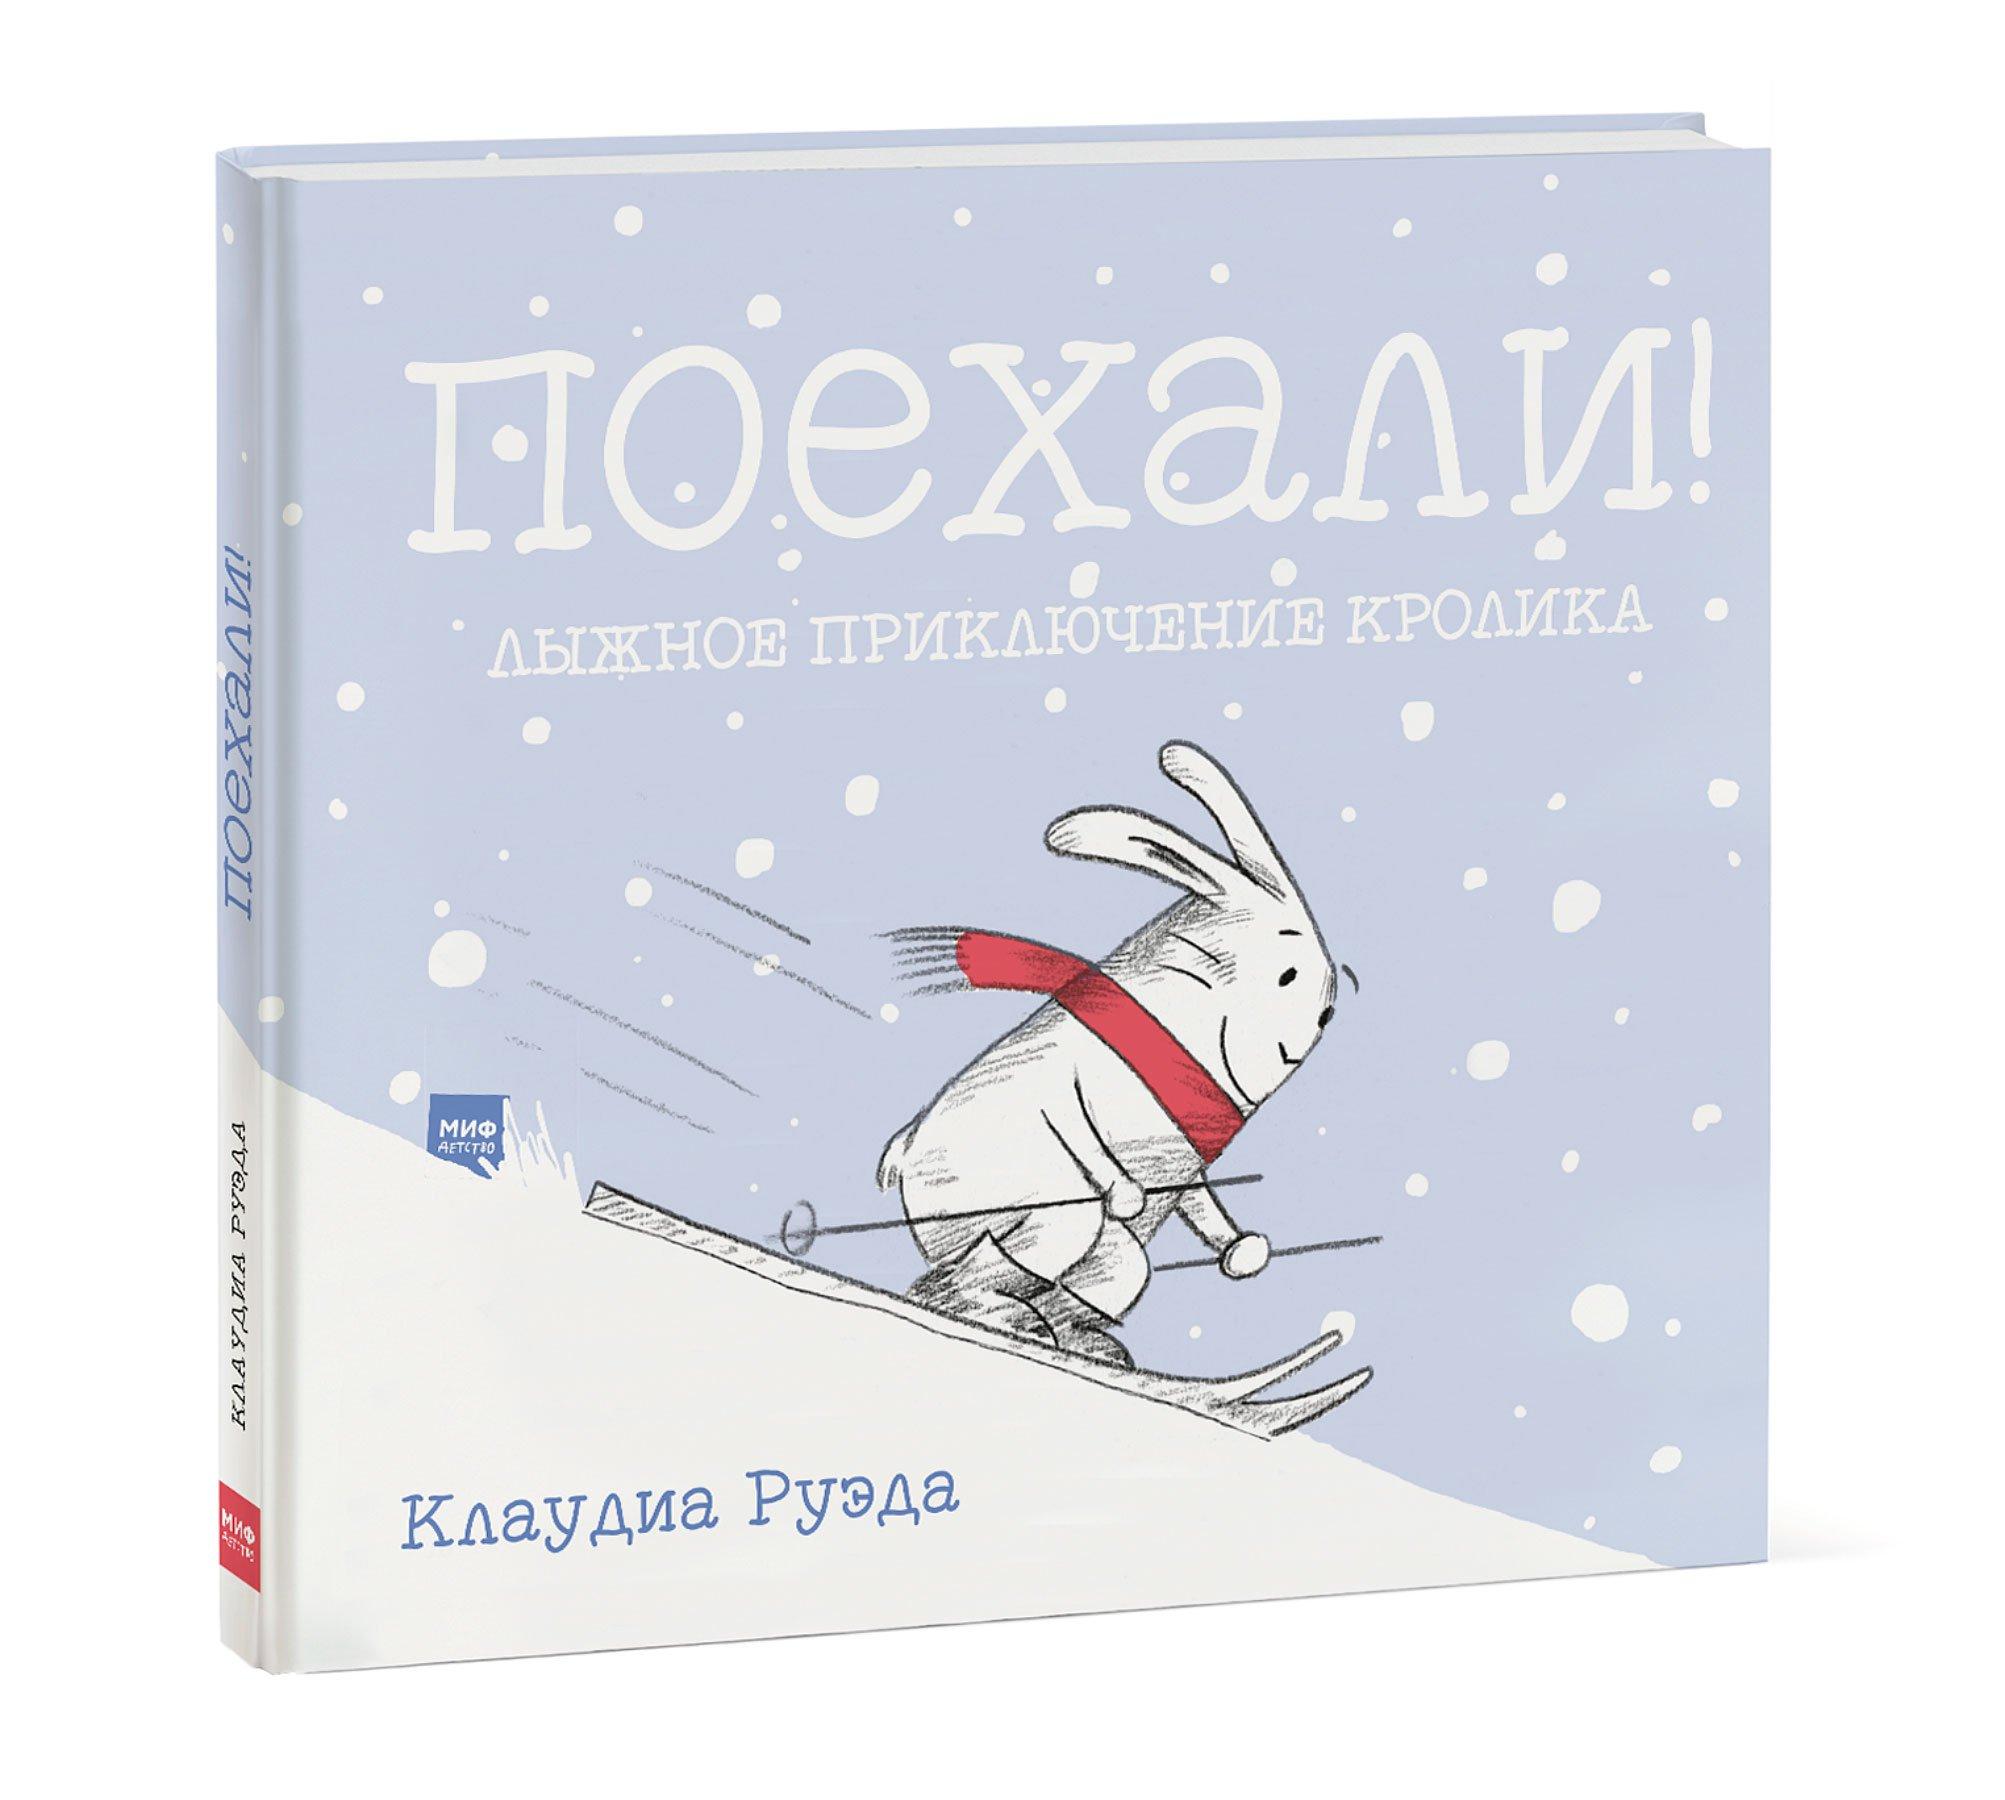 Клаудиа Руэда Поехали! Лыжное приключение кролика